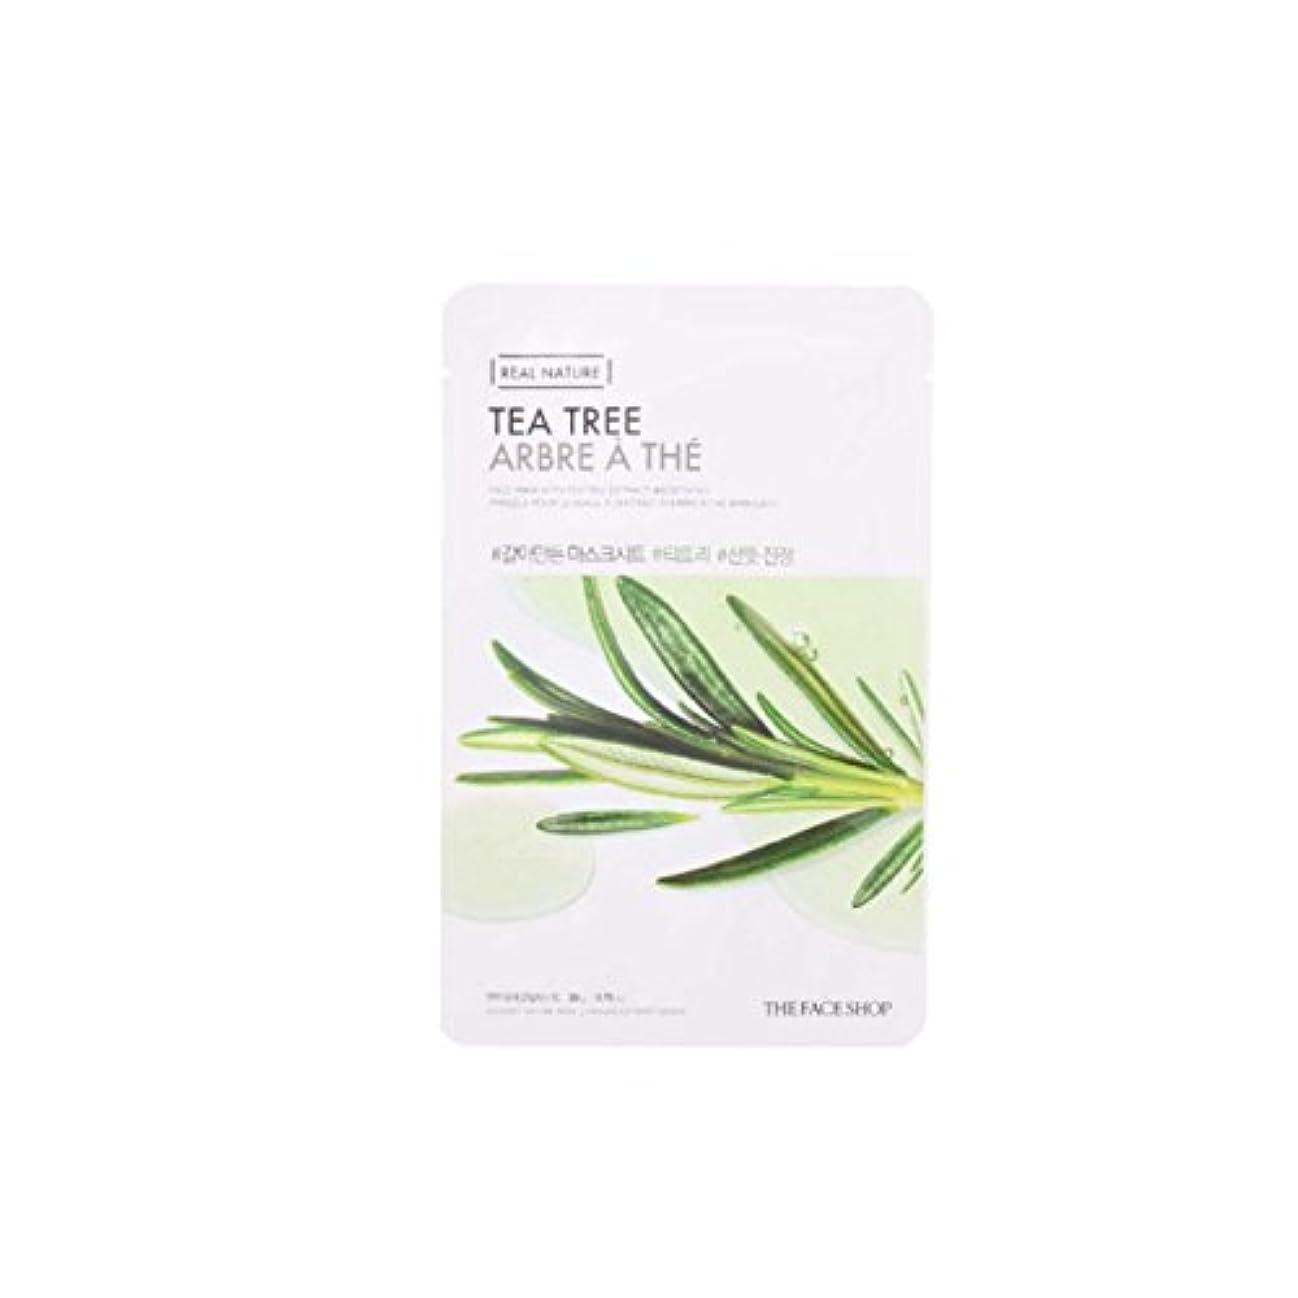 農村放射能特派員[The Face Shop] ザフェイスショップ リアルネイチャーマスクシート Real Nature Mask Sheet (Tea Tree (ティーツリー) 10個) [並行輸入品]